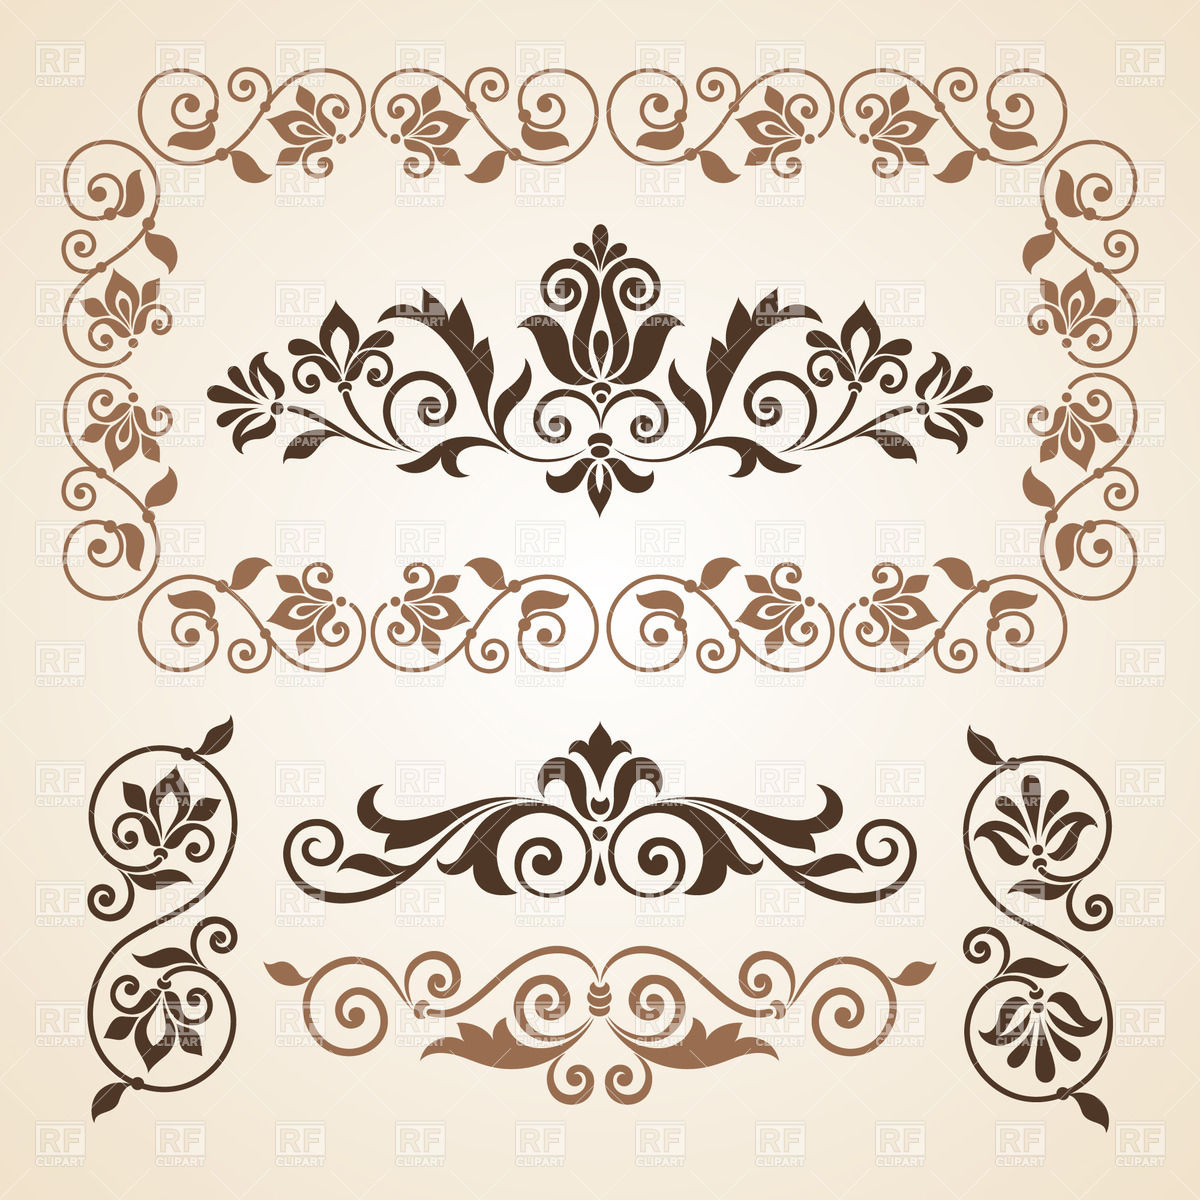 Free Vintage Design Elements